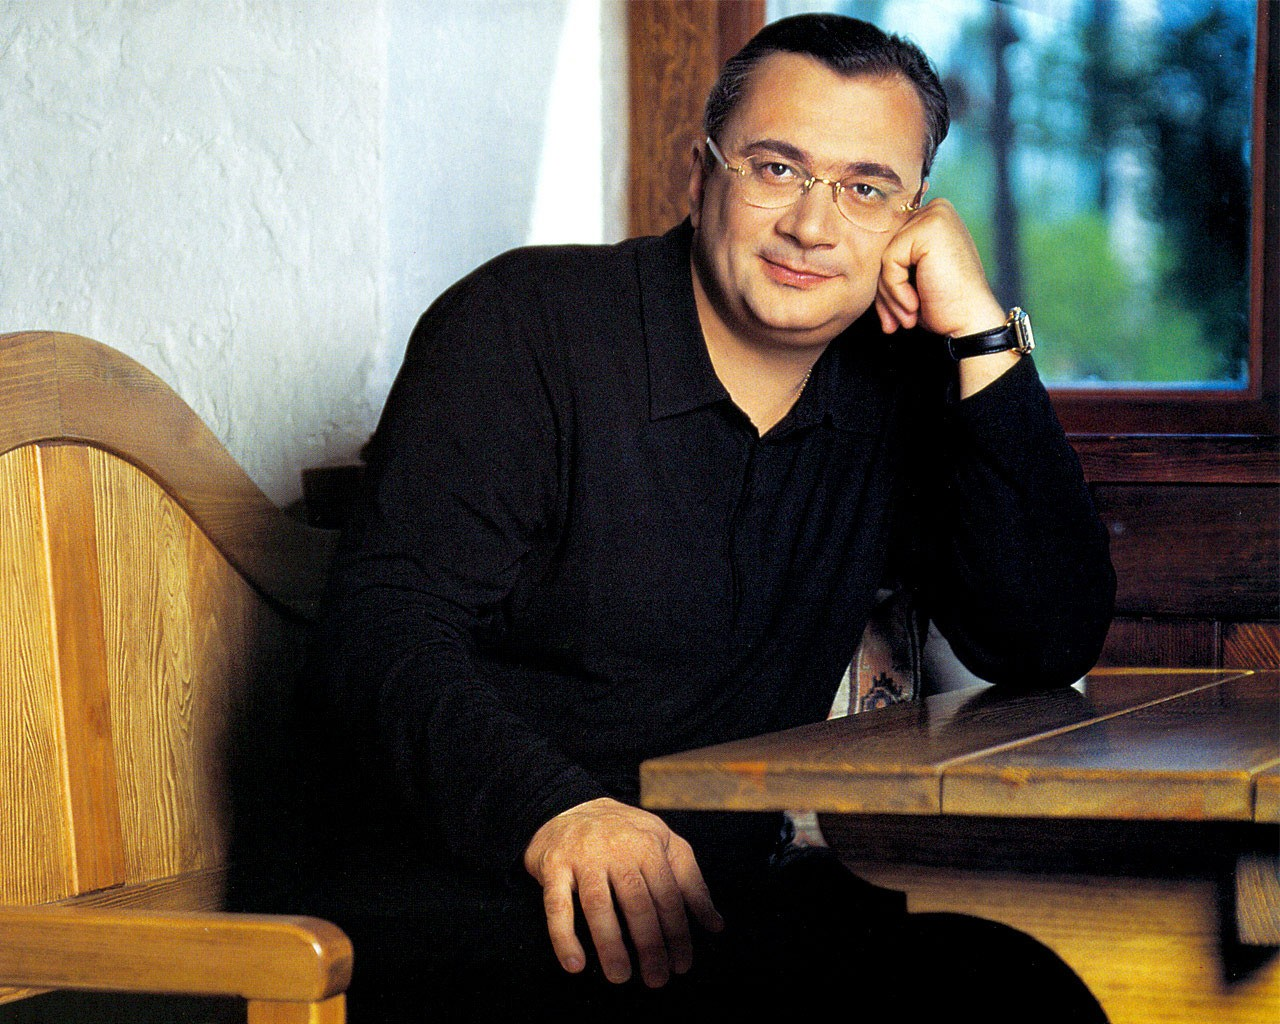 """Константин Меладзе """" Опять метель"""": потрясающее исполнение"""